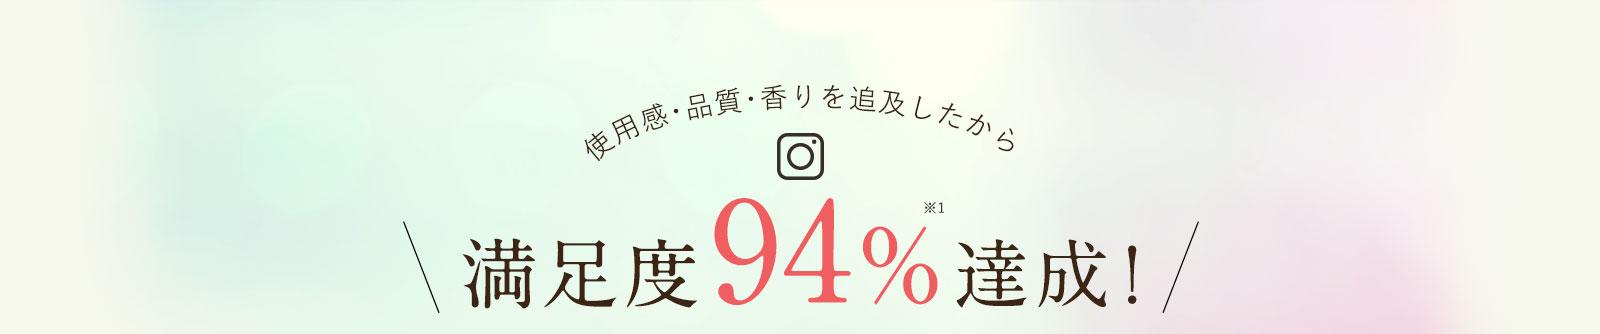 満足度94%達成!